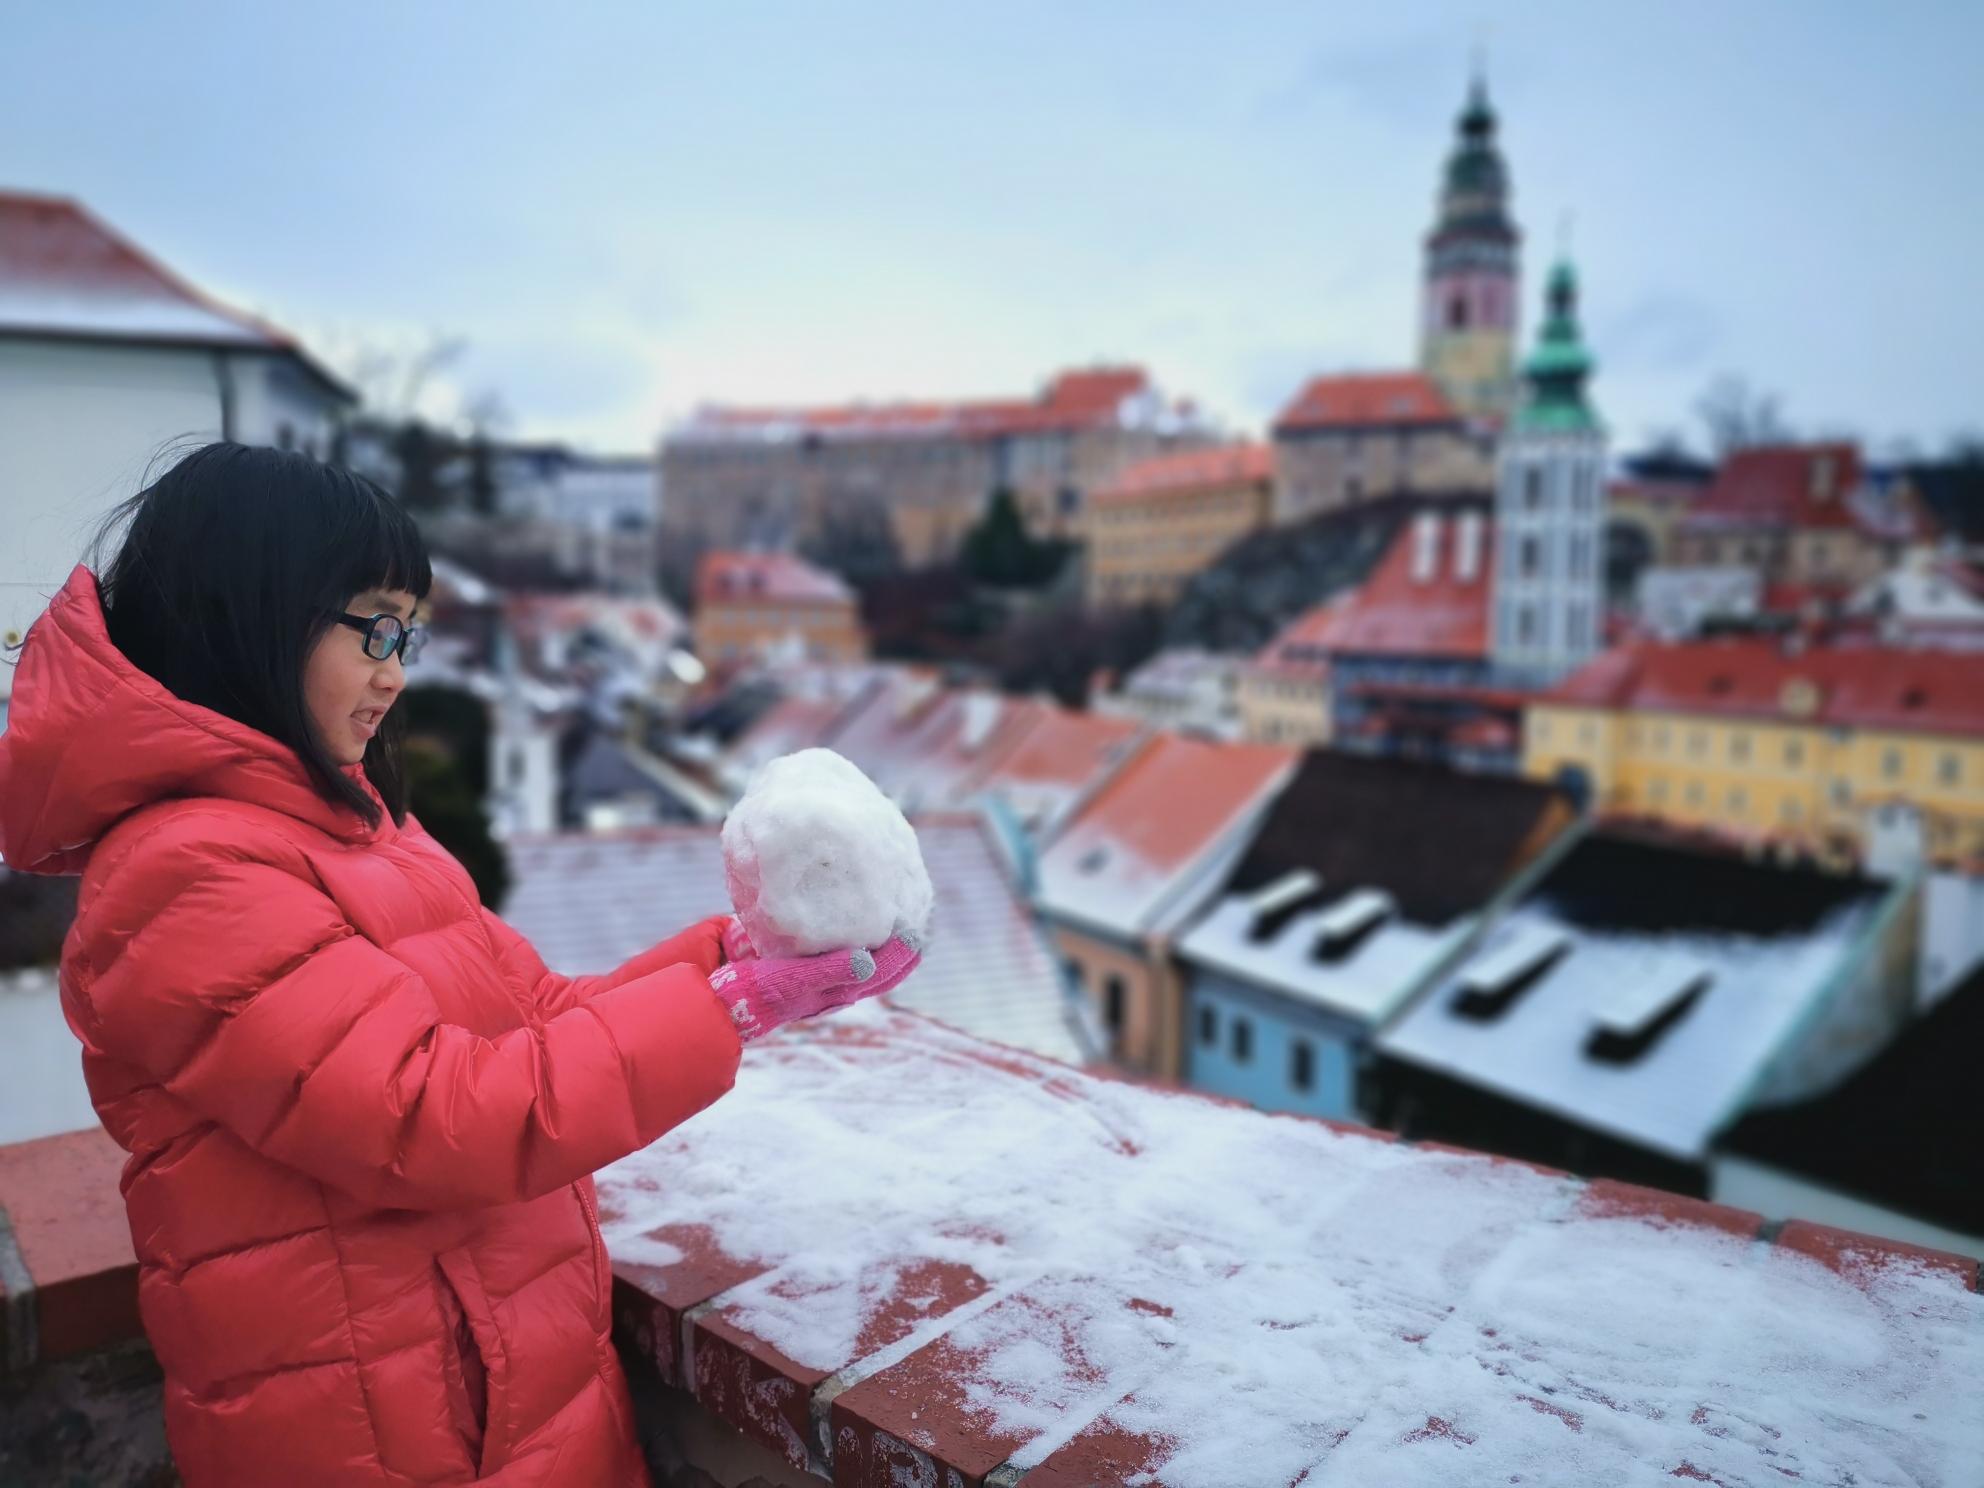 冬季的童话~ck小镇